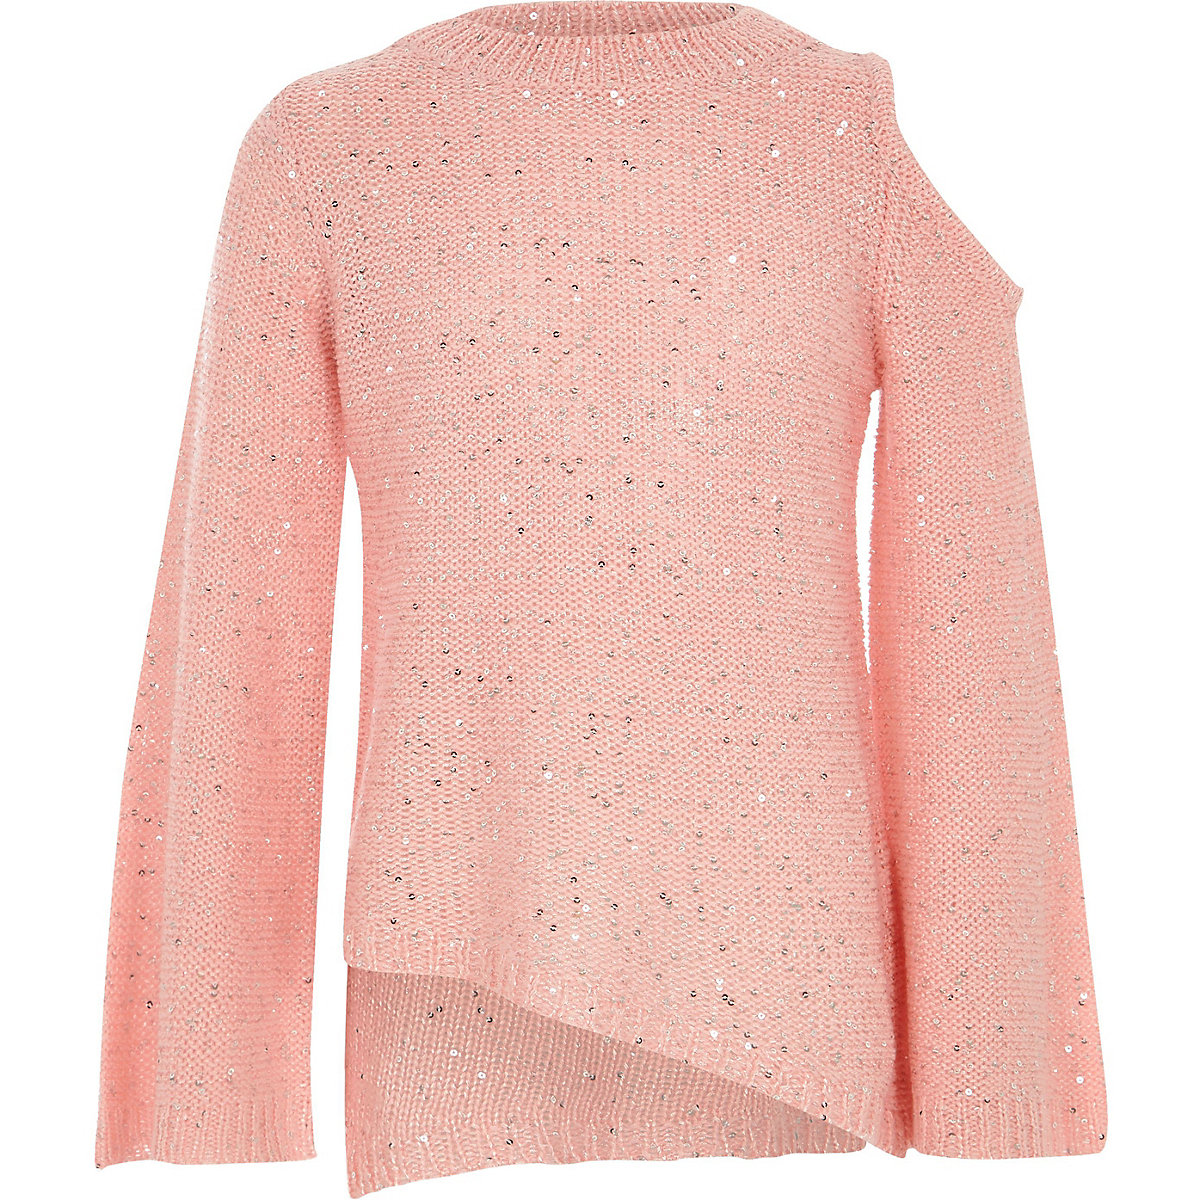 Girls pink sequin cold shoulder sweater